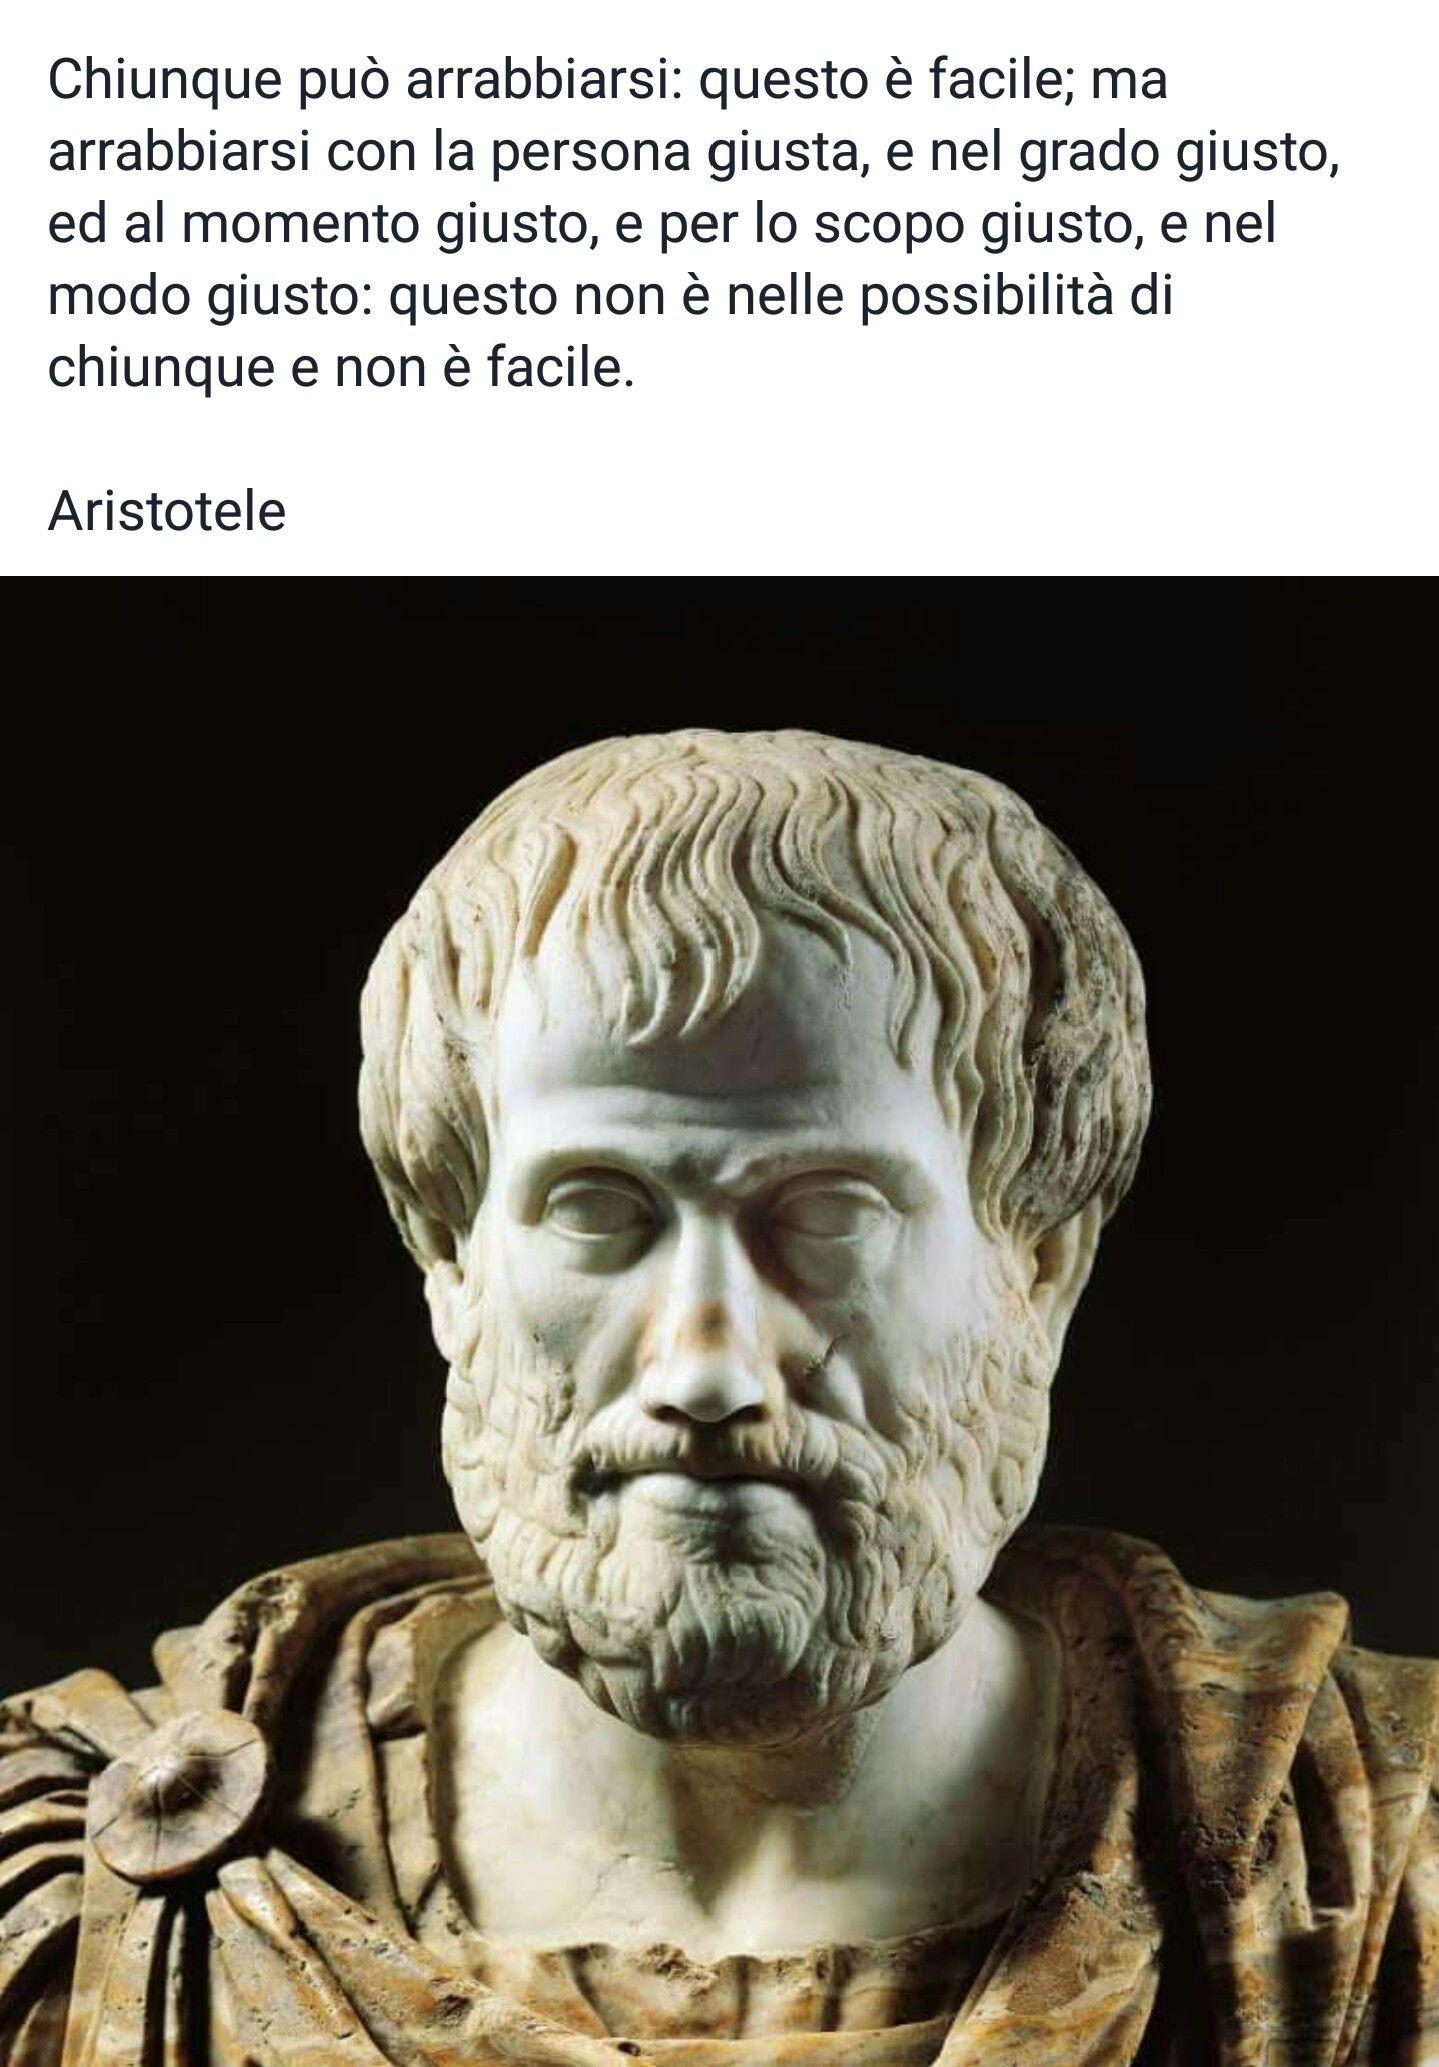 Aristotele Filosofi Antichi Citazioni Parole E